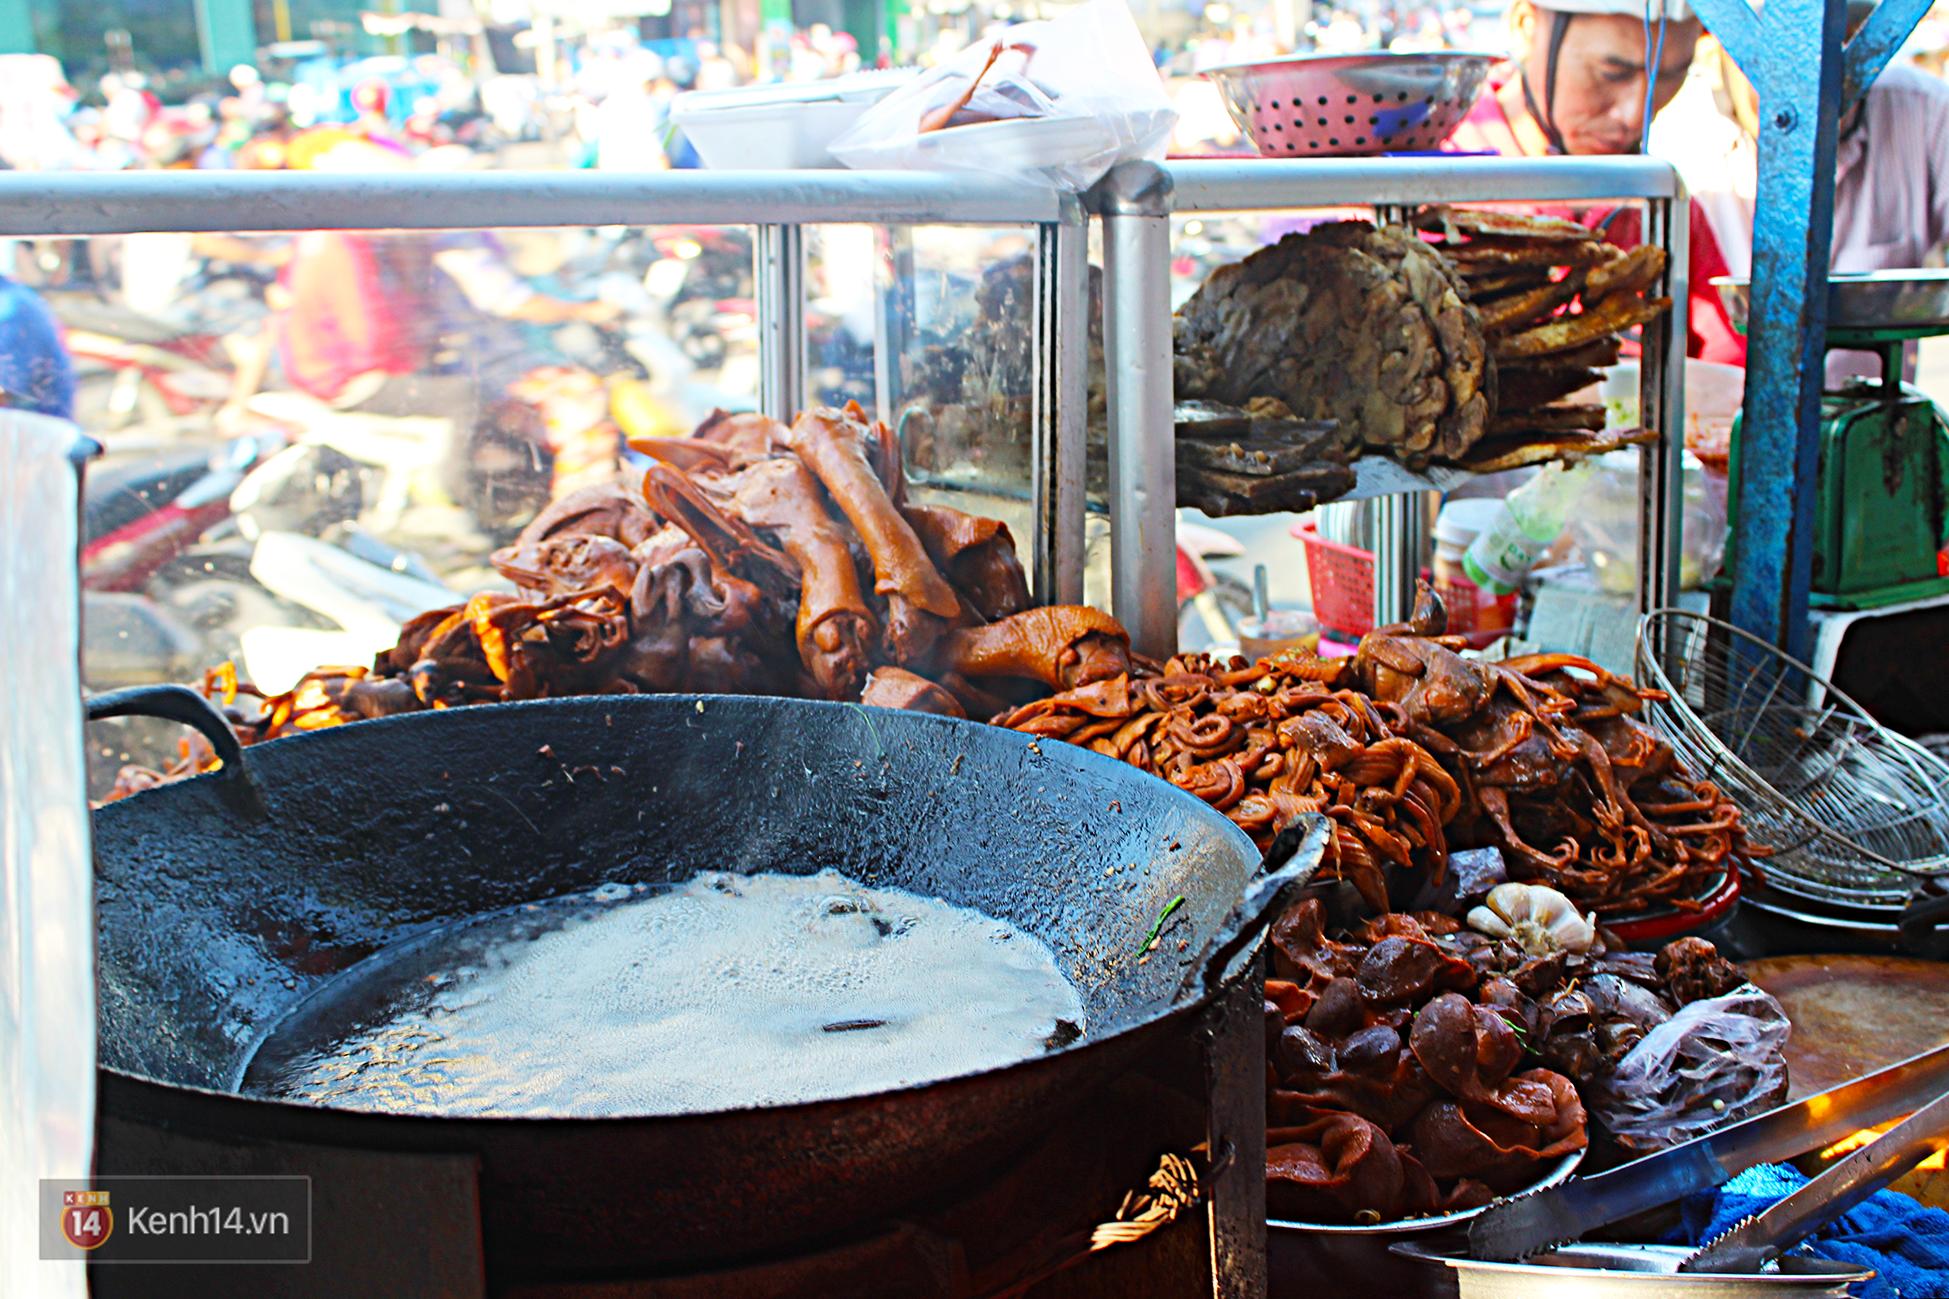 Vịt chiên sả ớt siêu hấp dẫn ở Sài Gòn: chỉ 20k đã có hộp đầy ắp - Ảnh 11.